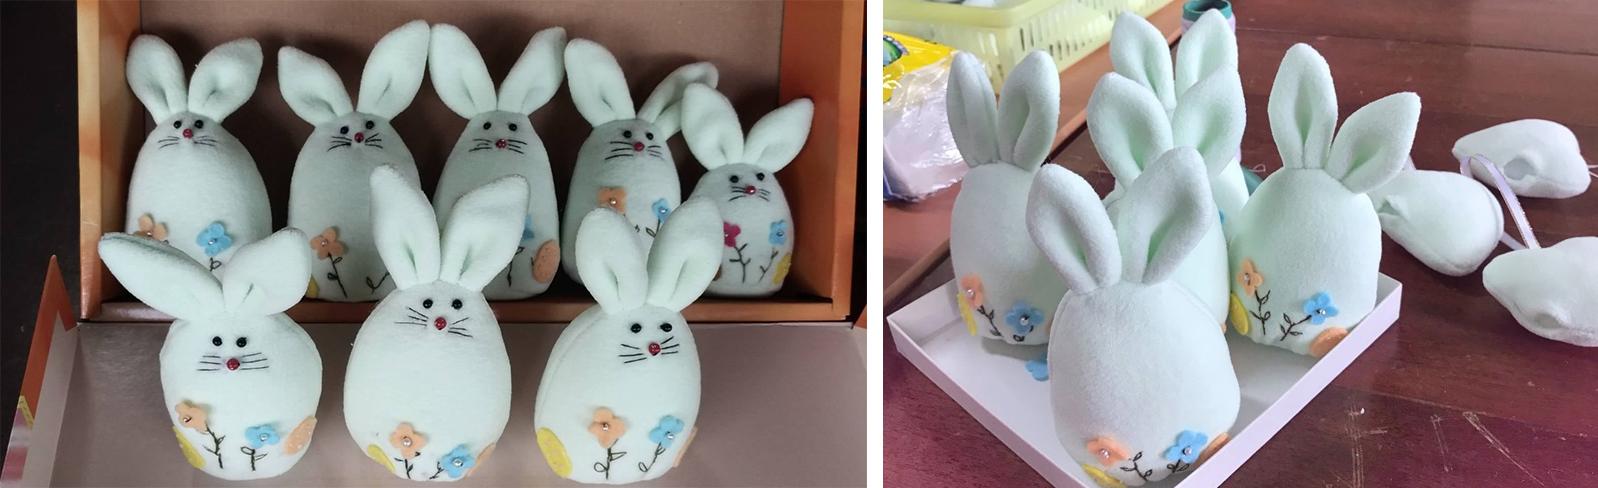 製作一隻「善兔」,必須經過等料、做板、裁剪、入棉、車邊、縫紉、手工逢補、繡花、黏物、、、等十幾道程序。